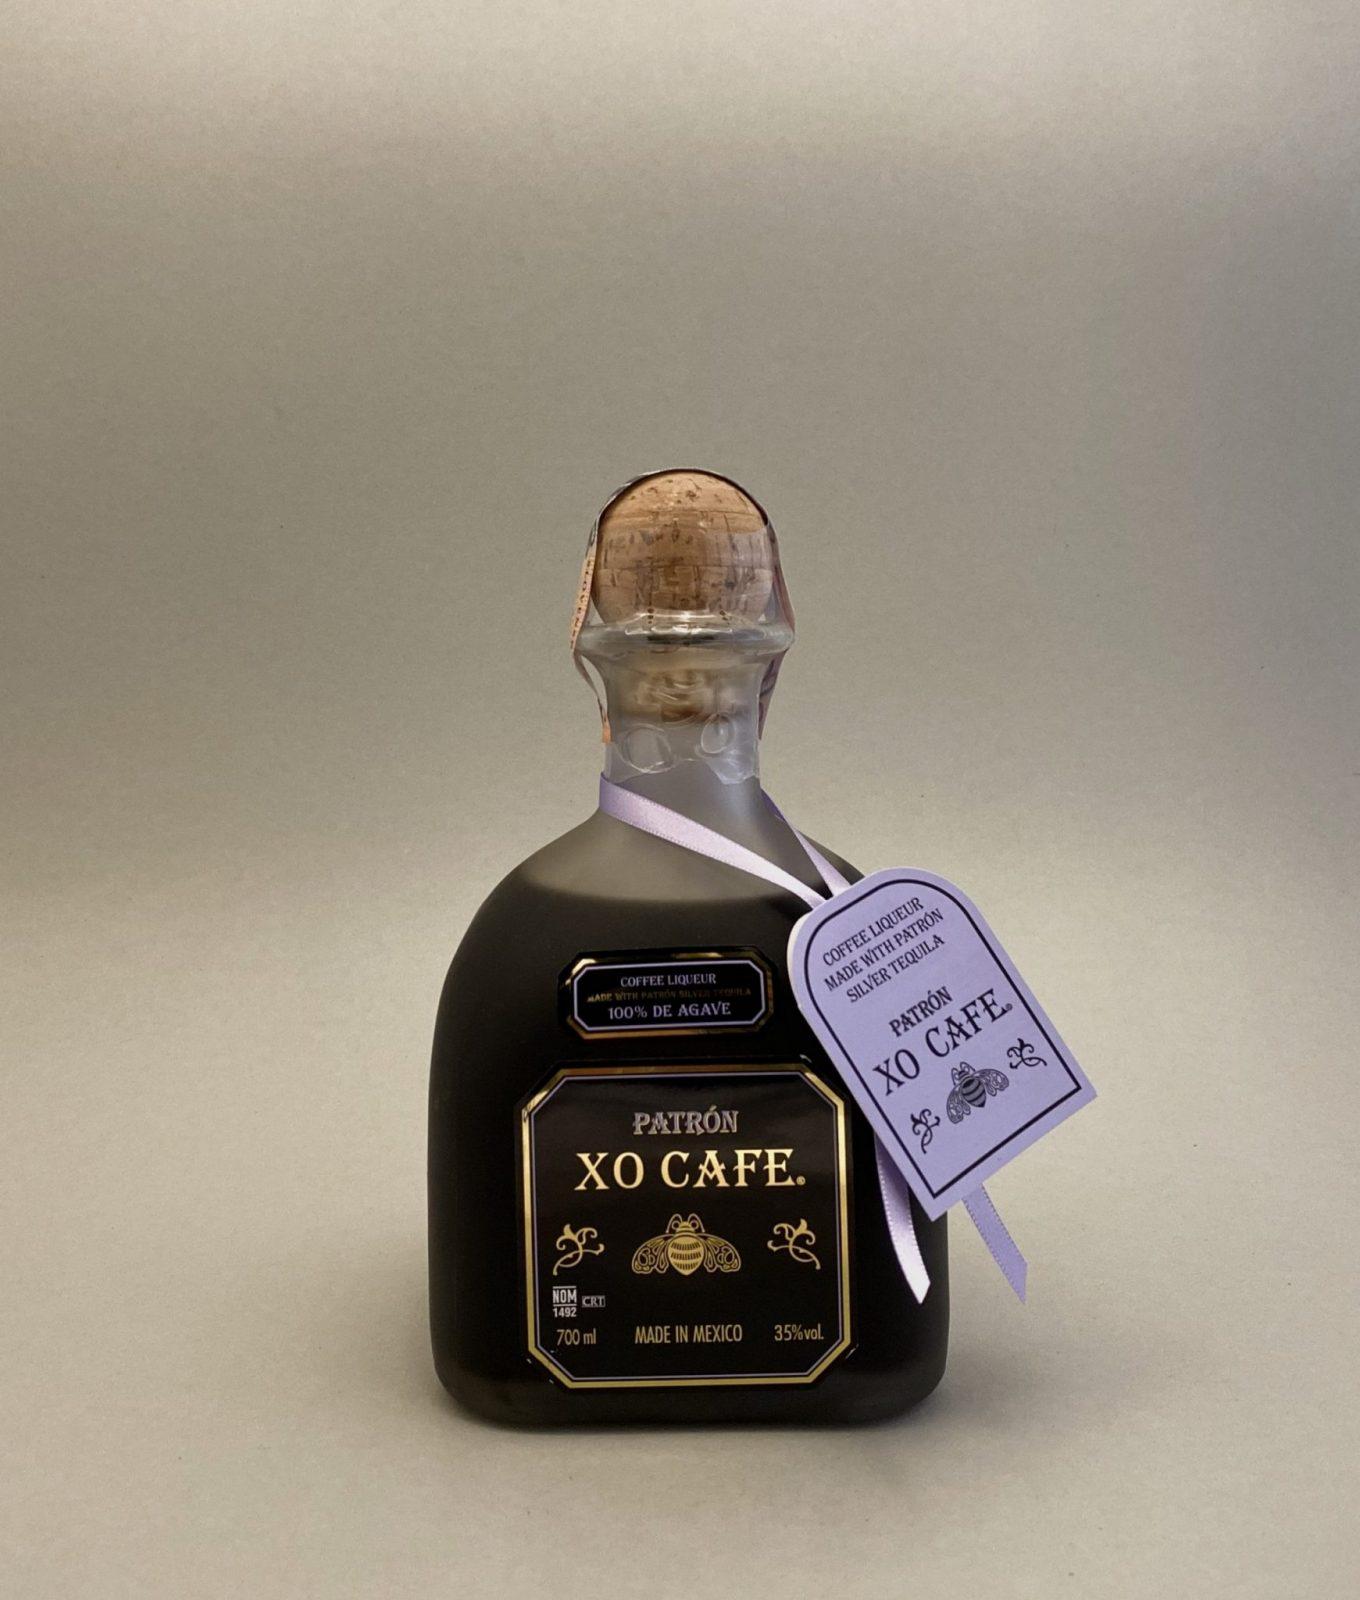 Patrón X.O. Café 35%, Bottleshop Sunny wines slnecnice mesto, petrzalka, Tequila, rozvoz alkoholu, eshop